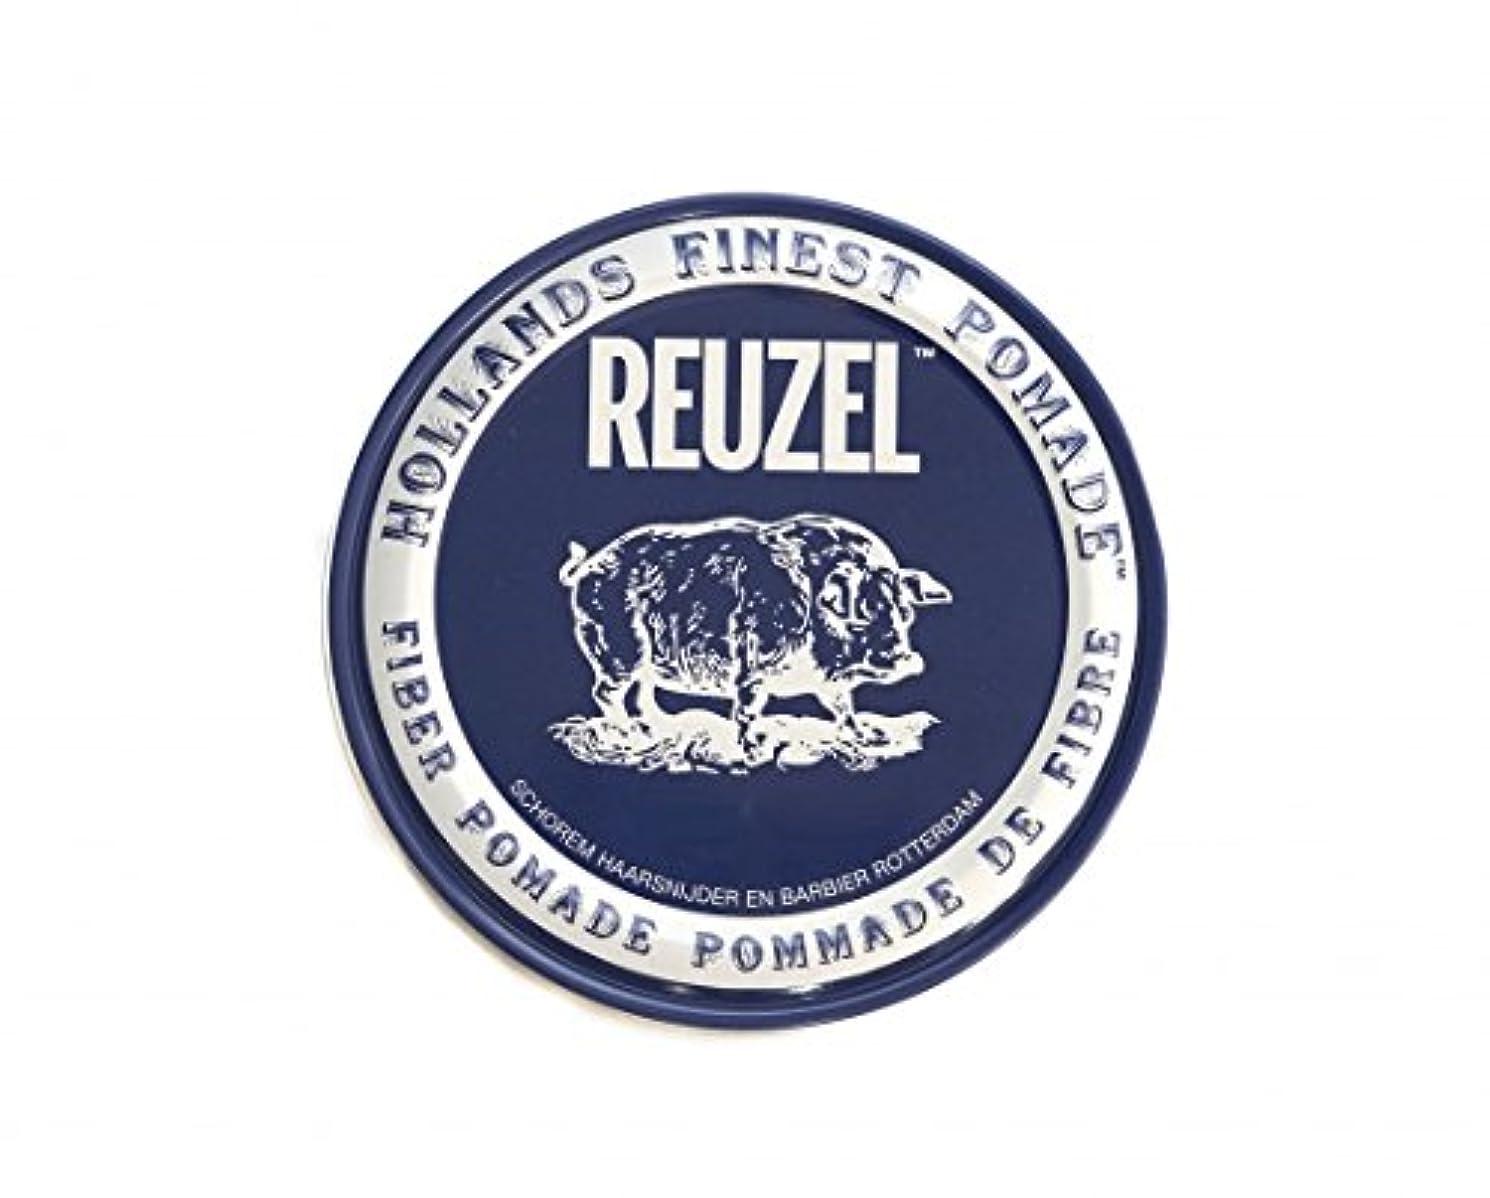 司法孤独なカッタールーゾー REUZEL ファイバーポマード ネイビー 113g